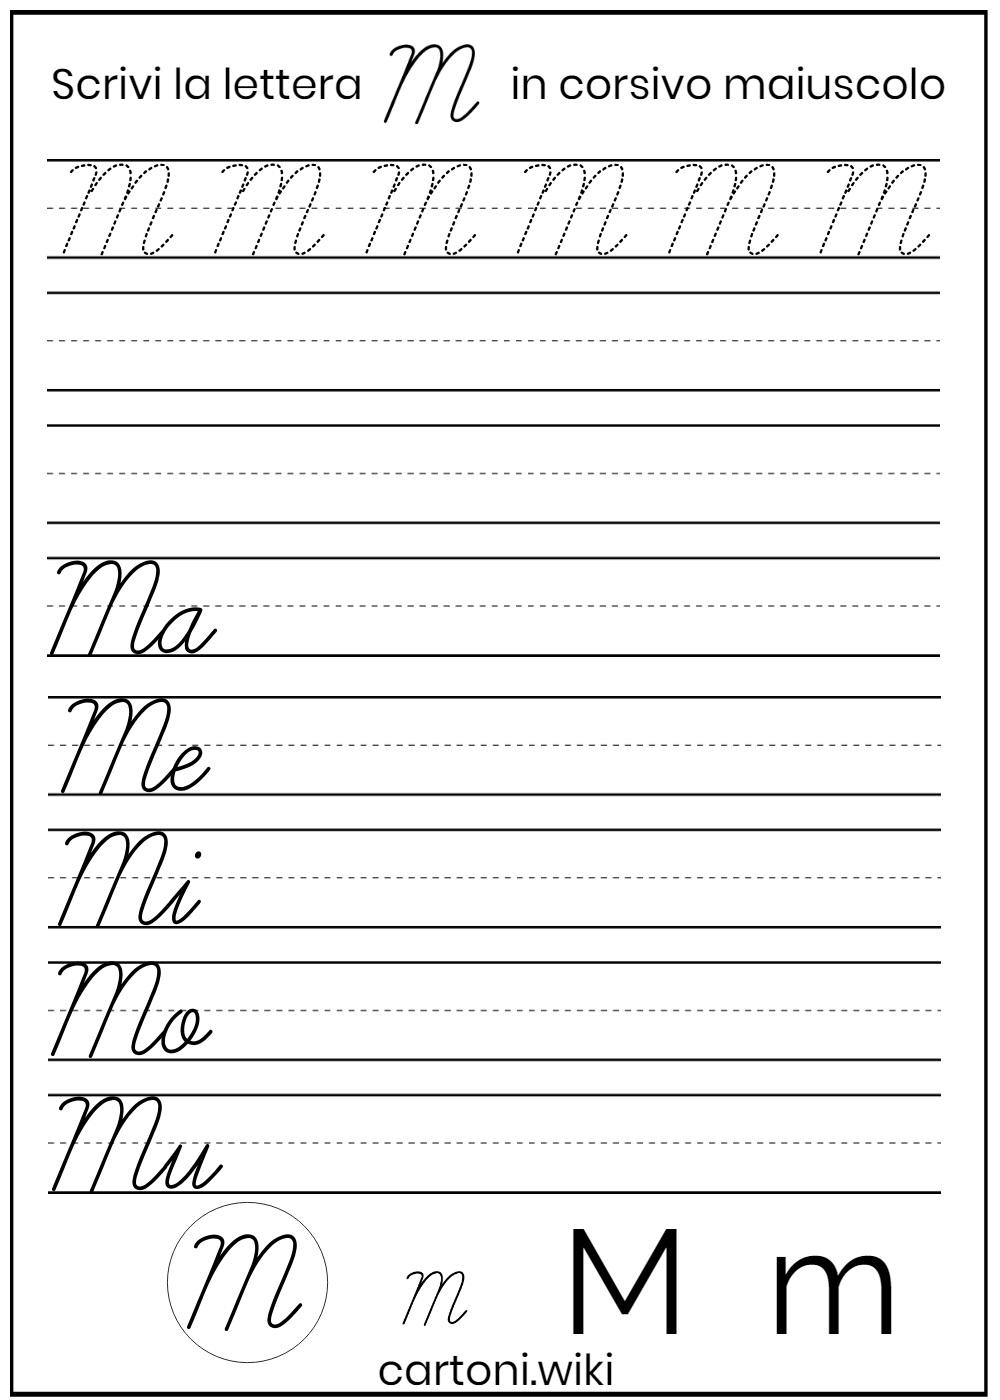 Lettera M corsivo maiuscolo - Cartoni animati